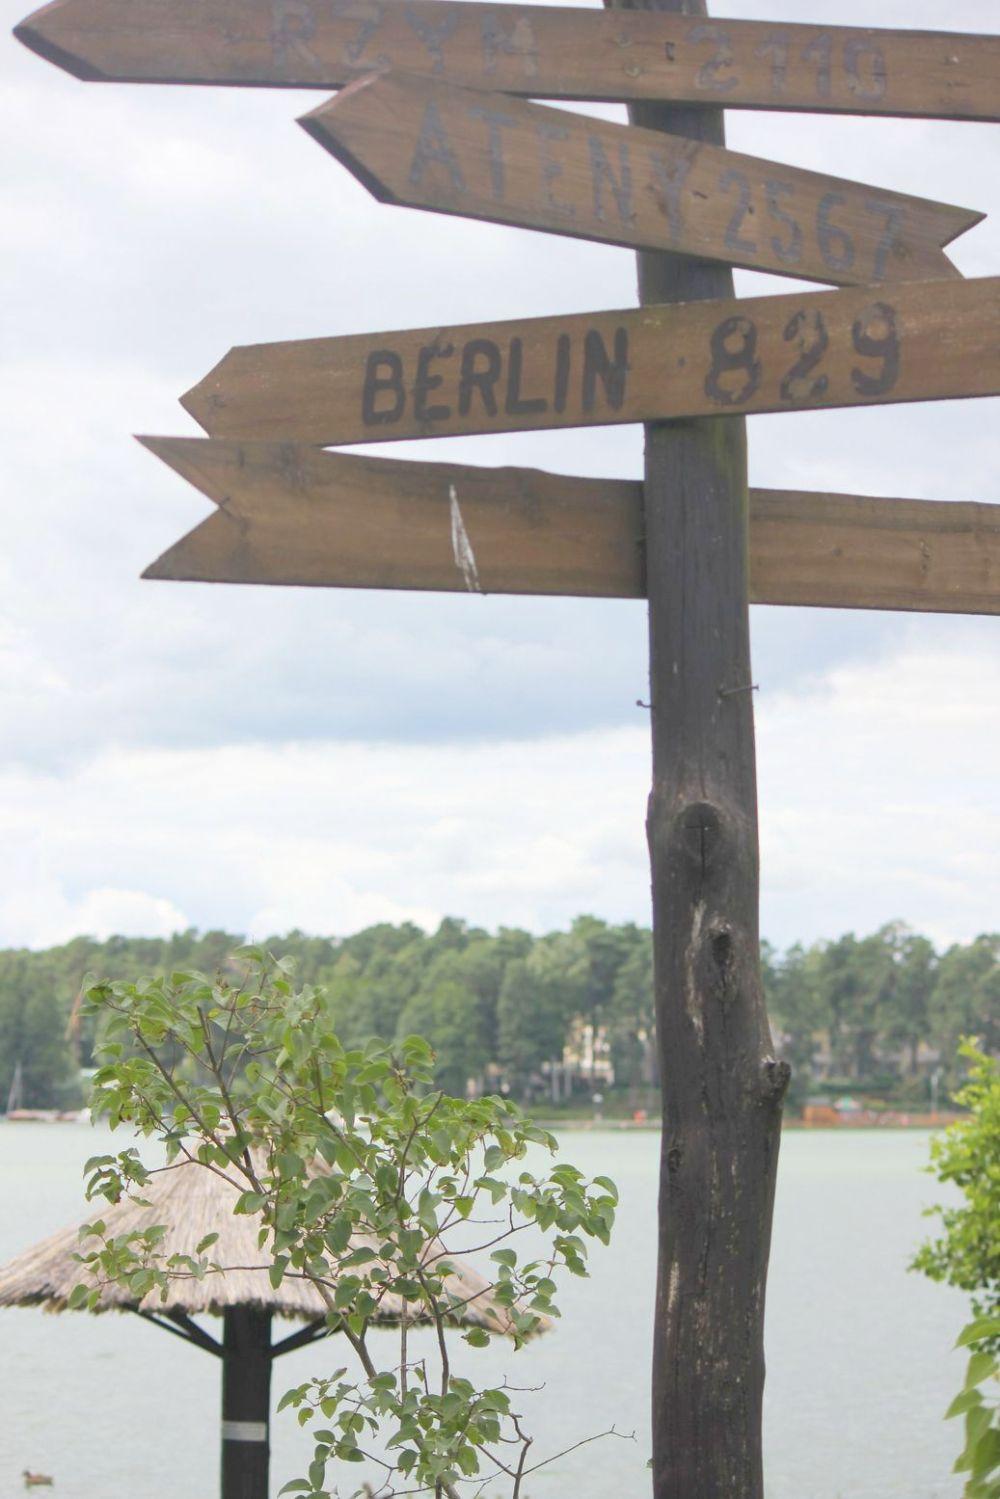 jezioro augustowskie drogowskaz augustów berlin 829 km